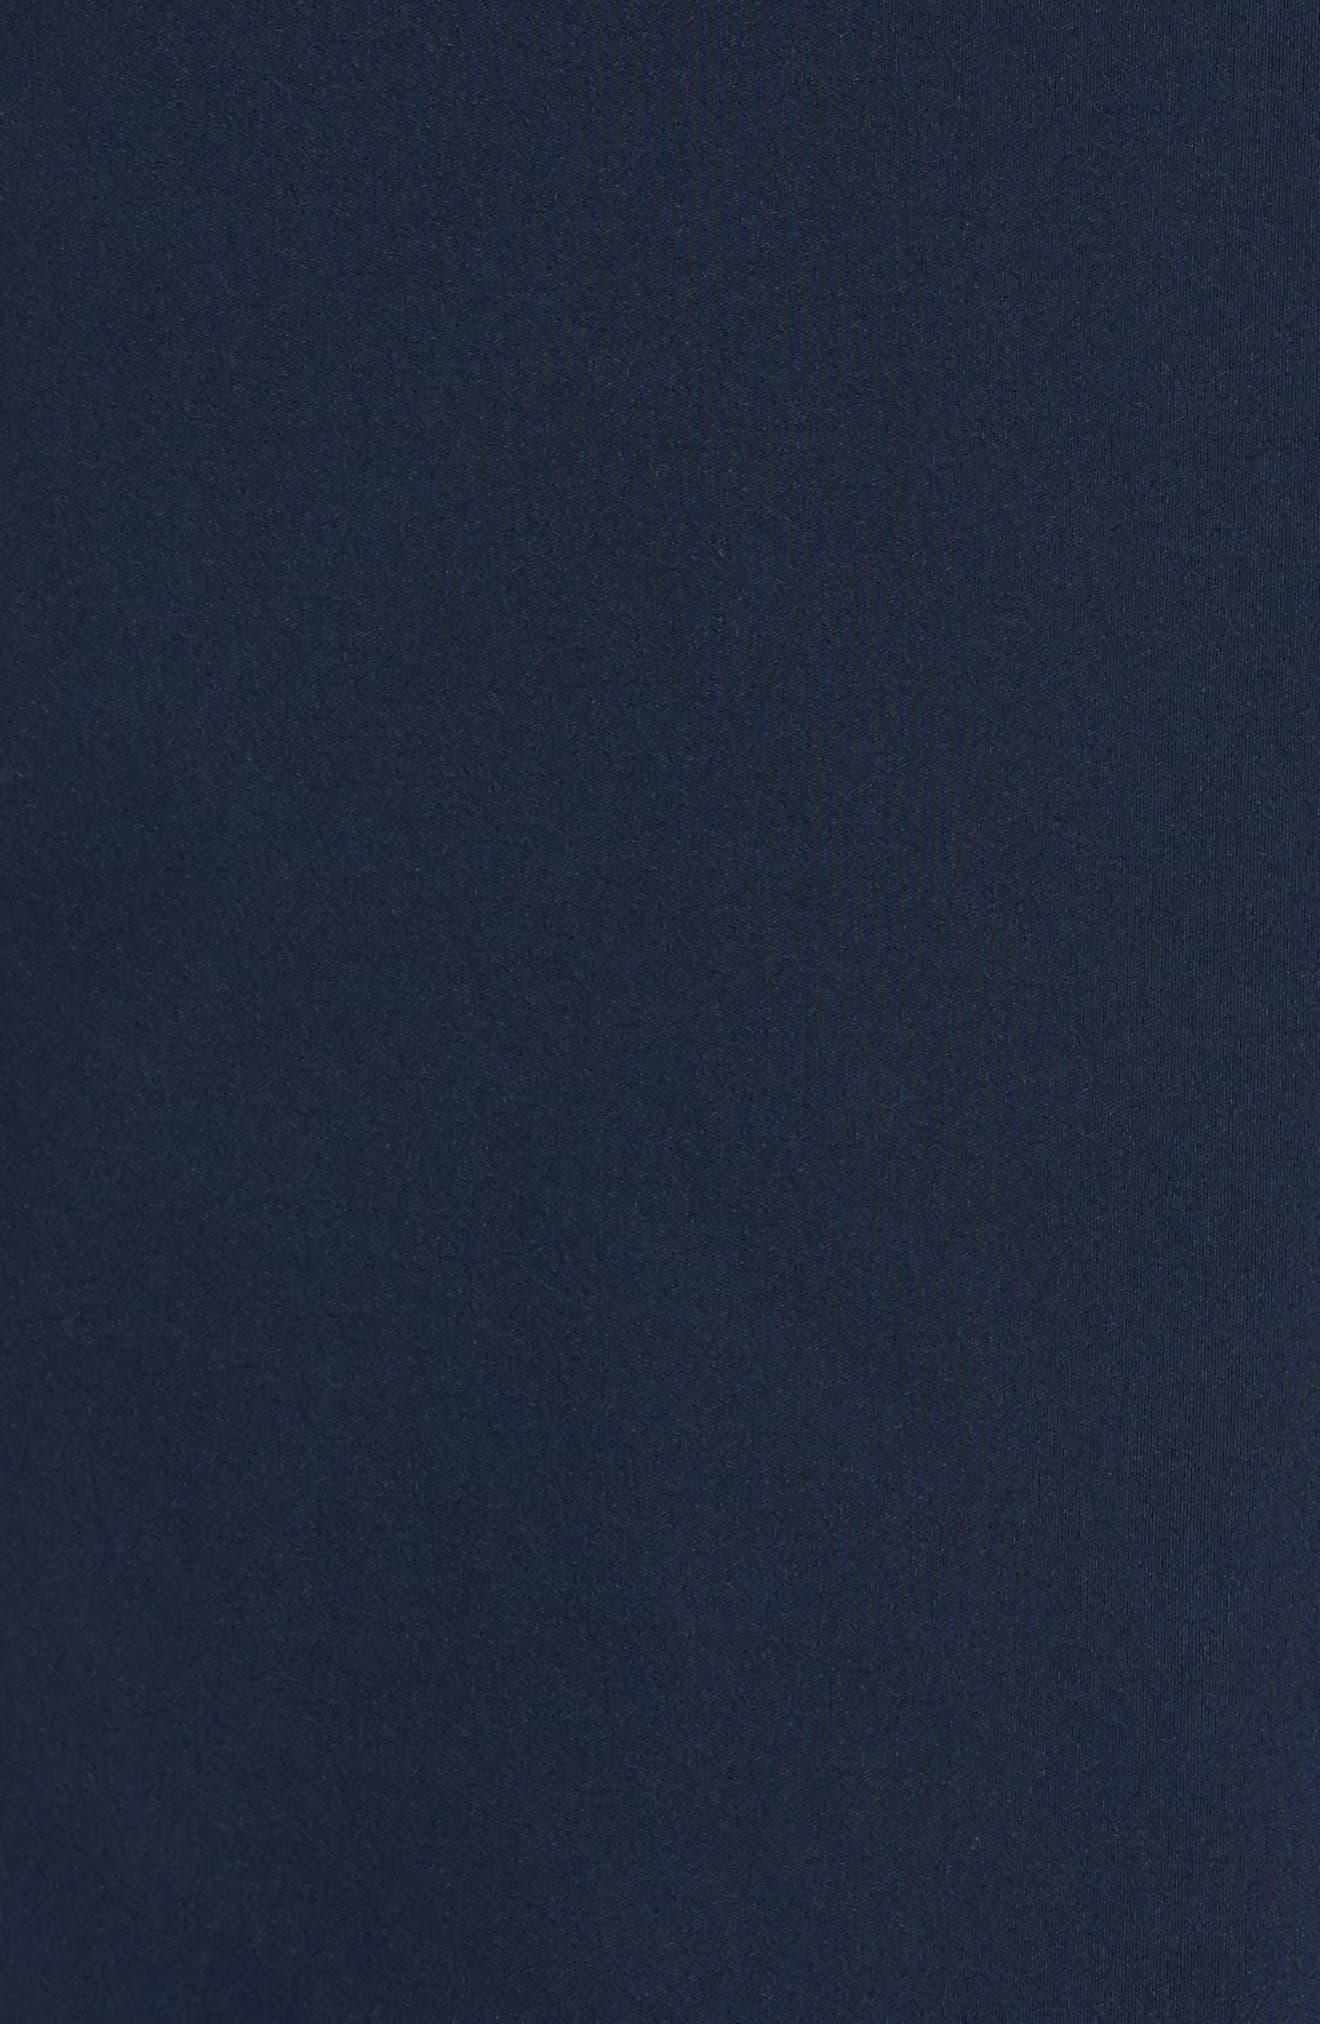 PFG Grander Marlin II Shorts,                             Alternate thumbnail 5, color,                             Collegiate Navy